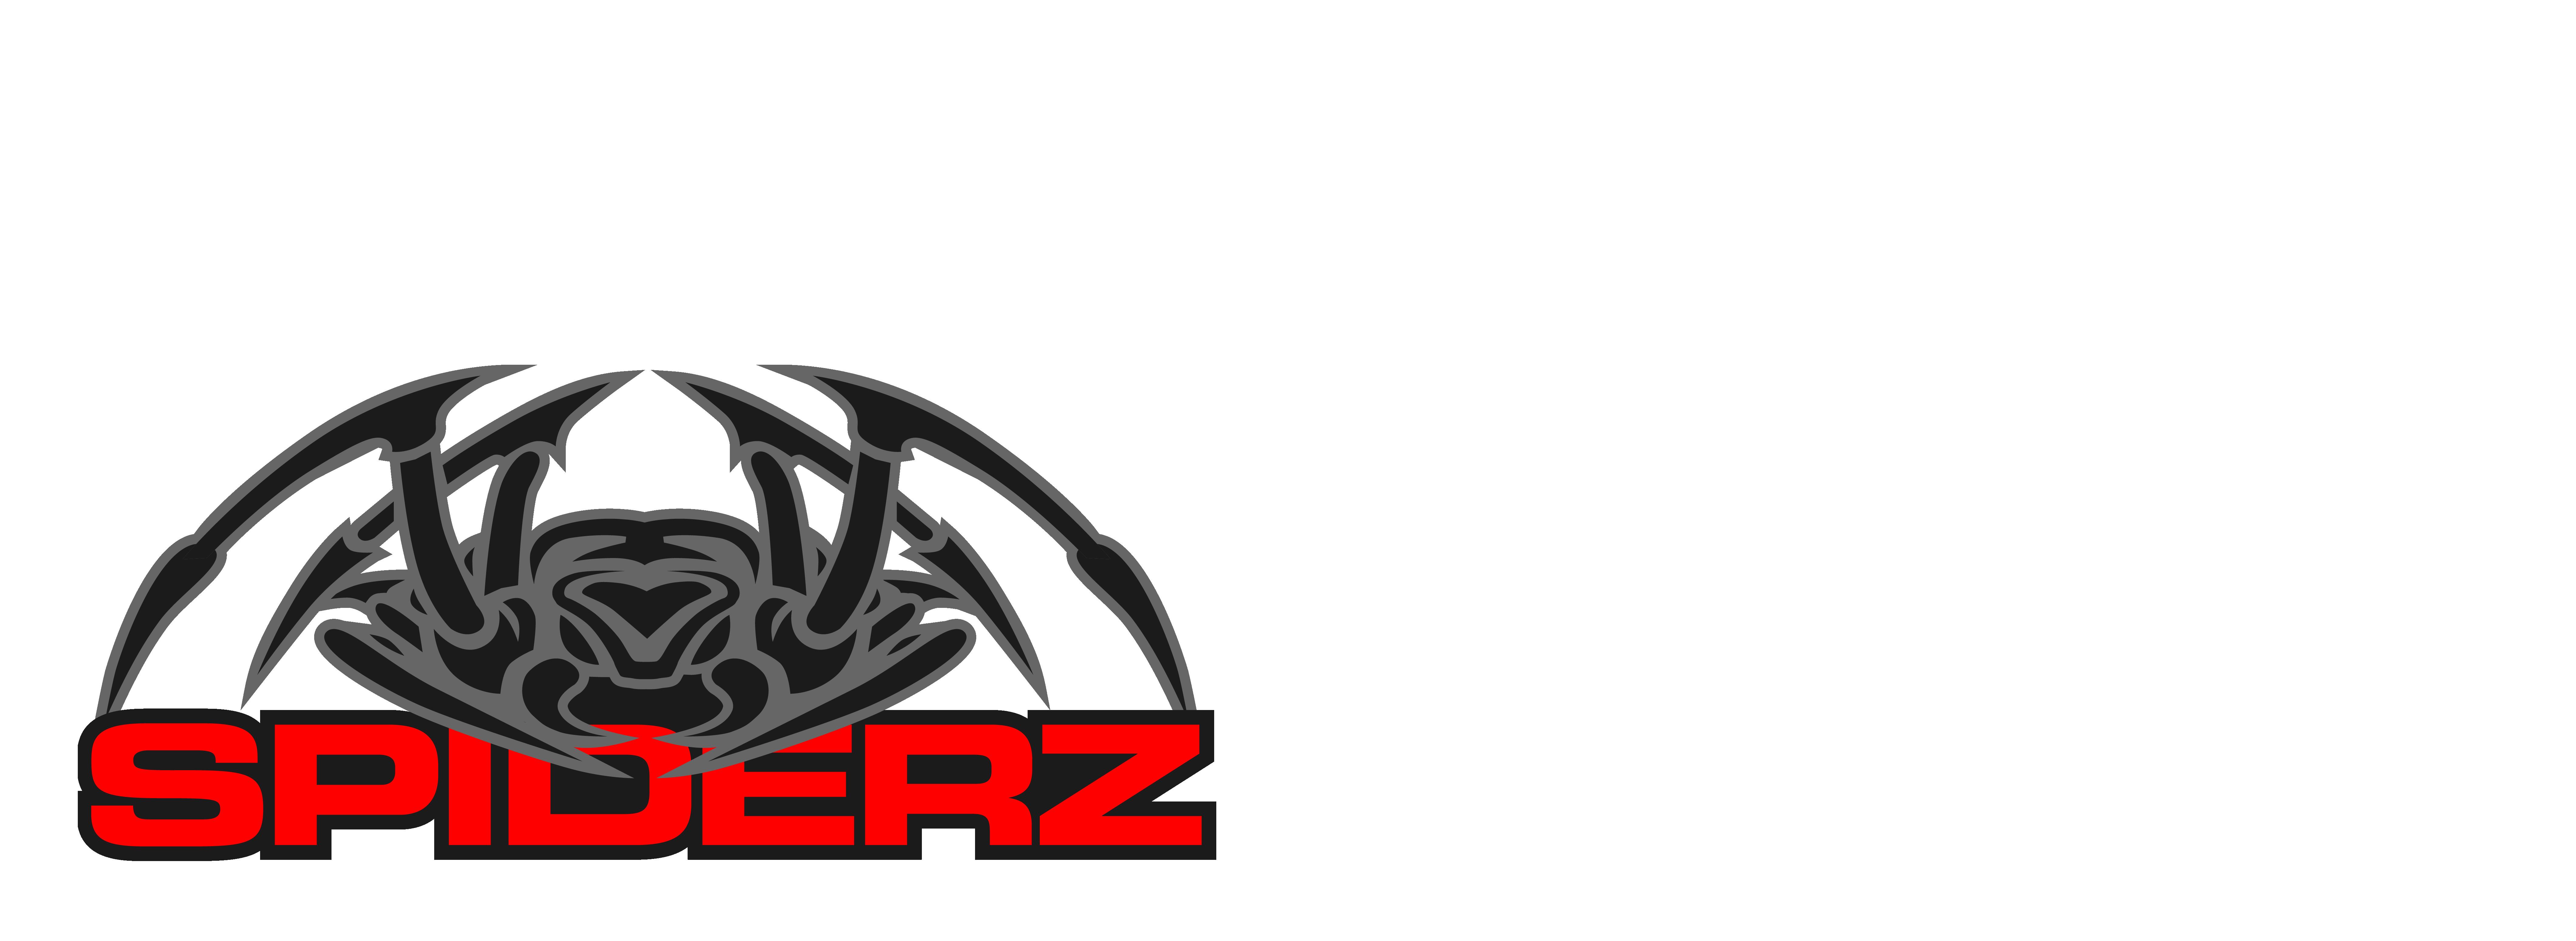 spiderz-header.png